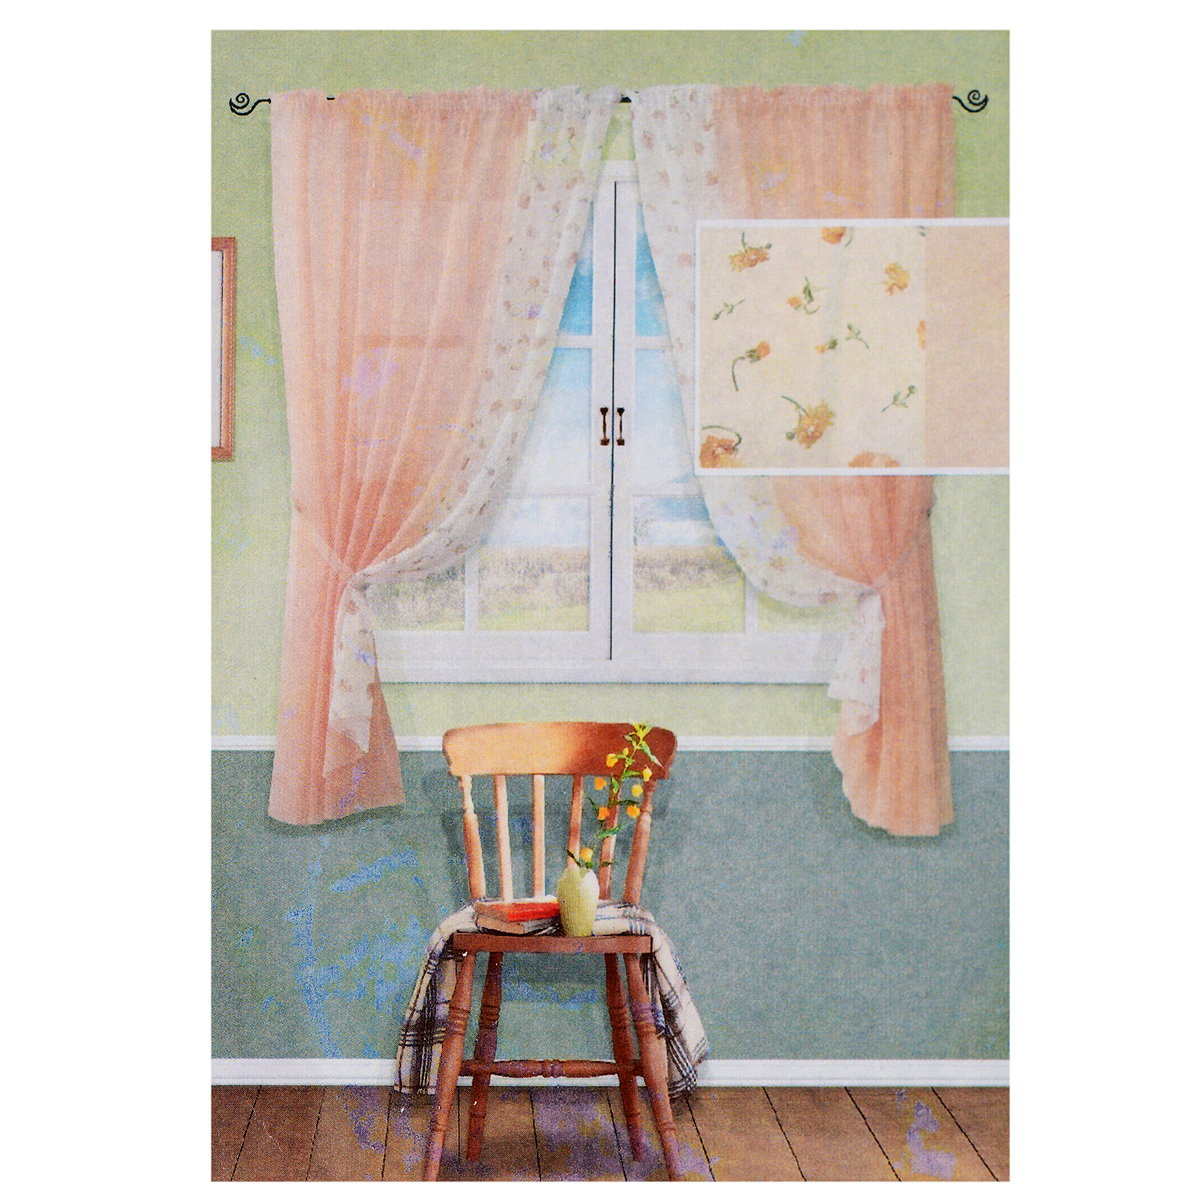 Комплект штор Kauffort Розанна, на ленте, цвет: персиковый, высота 170 смSVC-300Комплект Kauffort Солей состоит из двух штор и двух подхватов. Полотно штор выполнено из легкого полиэстера персикового цвета и декорировано вставкой из белого полиэстера с цветочным рисунком. Подхваты выполнены из легкого полиэстера персикового цвета.Качественный материал, оригинальный дизайн и приятная цветовая гамма привлекут к себе внимание и органично впишутся в интерьер помещения. Шторы оснащены лентой для красивой сборки.Комплект штор Kauffort Розанна станет великолепным украшением любого окна. В комплект входит:Штора - 2 шт. Размер (Ш х В): 177 см х 170 см. Подхват - 2 шт. Размер (Ш х Д): 150 см х 9 см.